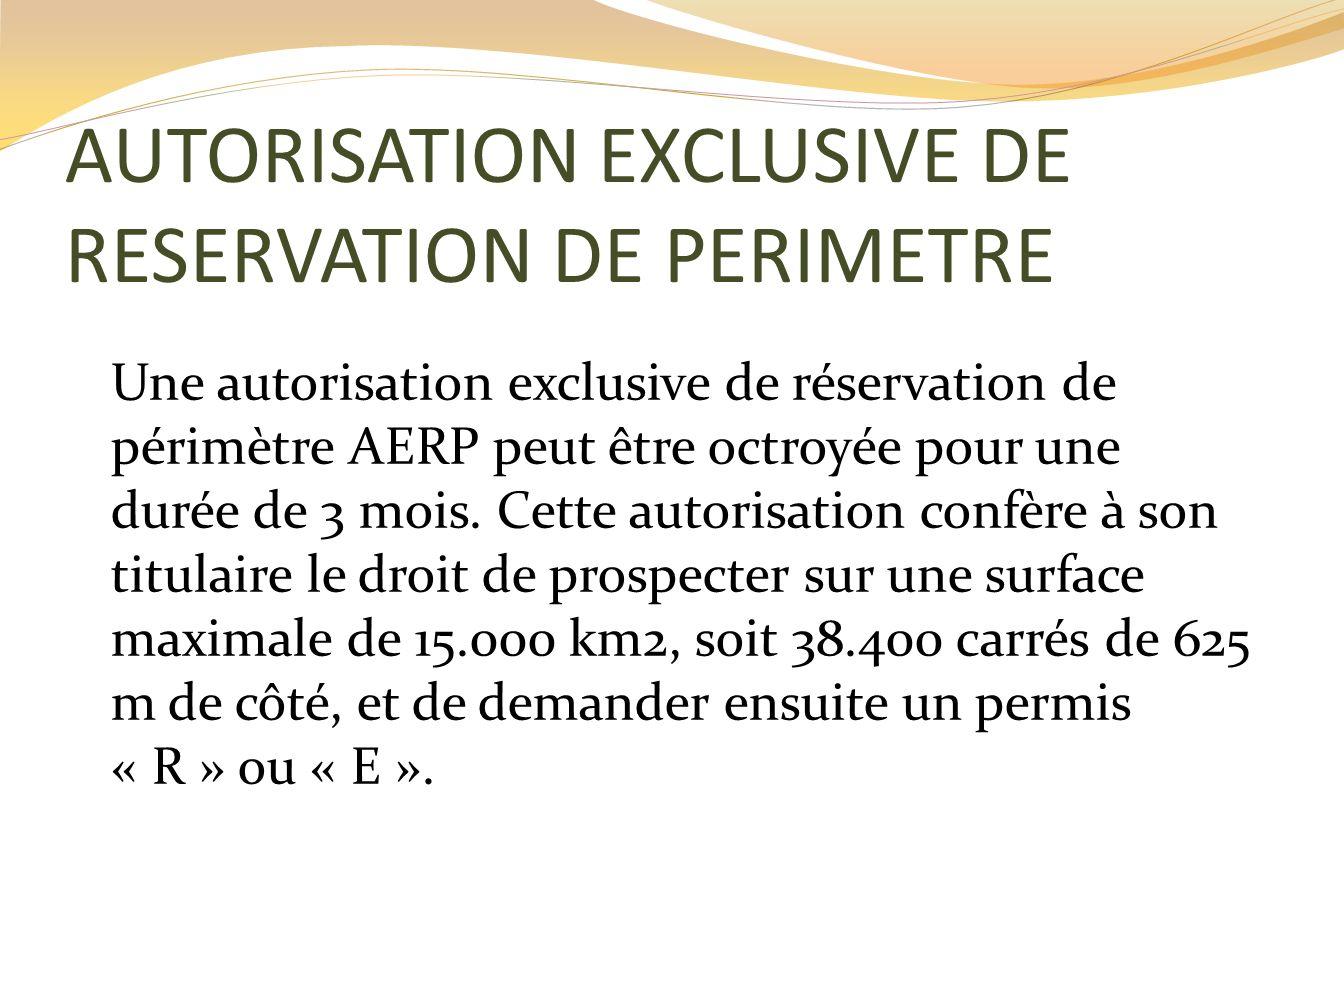 AUTORISATION EXCLUSIVE DE RESERVATION DE PERIMETRE Une autorisation exclusive de réservation de périmètre AERP peut être octroyée pour une durée de 3